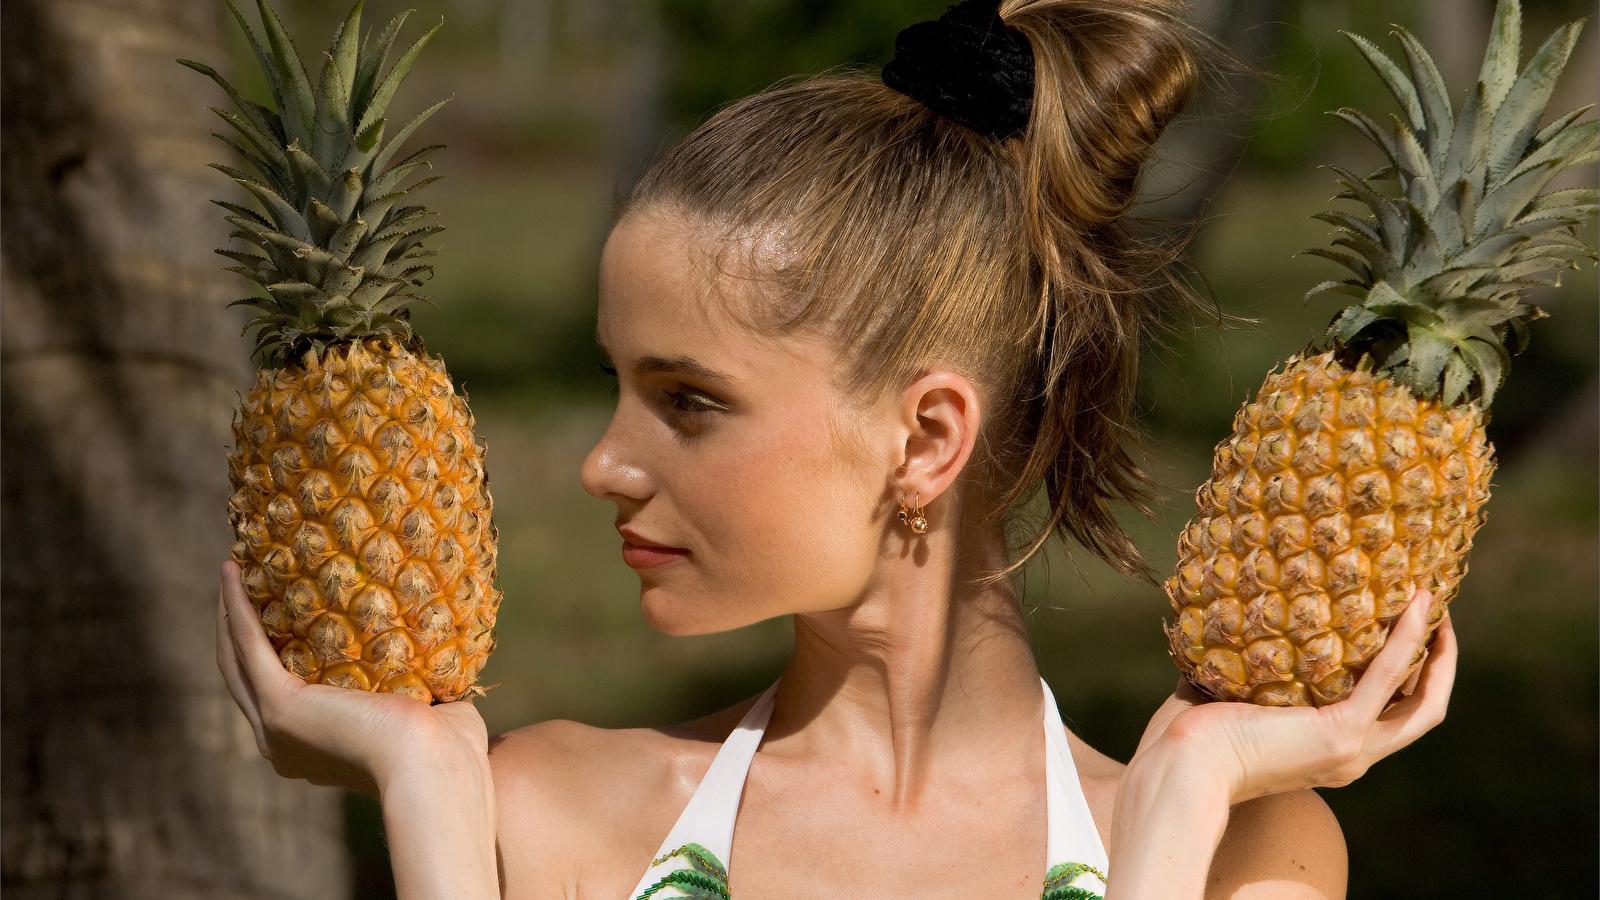 Рецепты низкокалорийных смузи из ананаса для похудения!